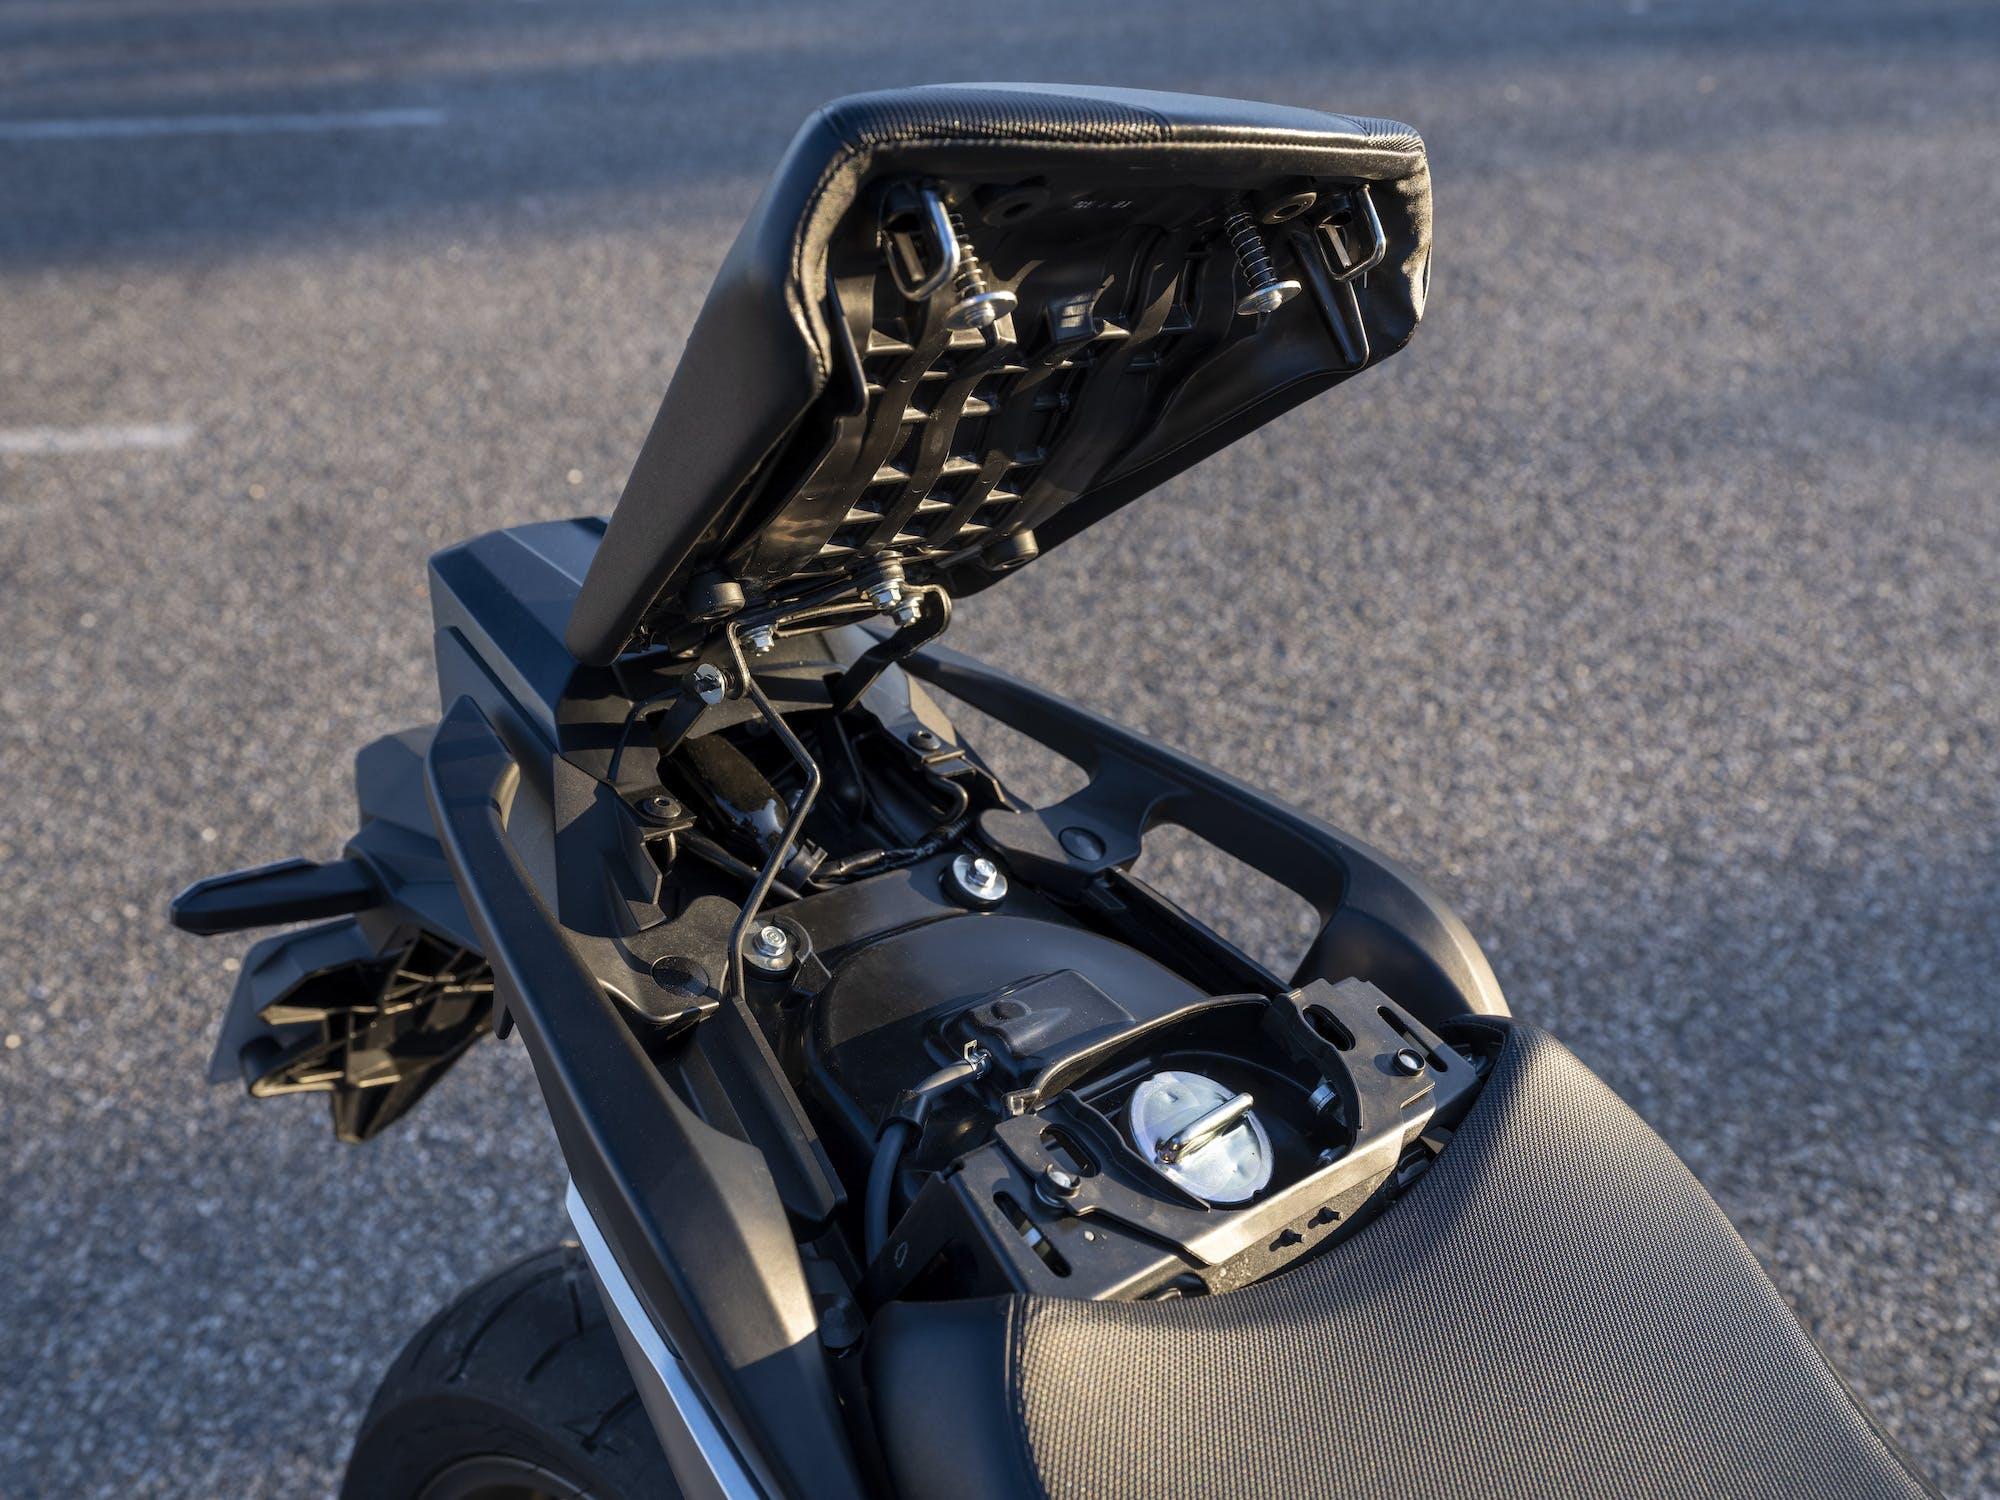 Honda NC750X 2021 serbatoio sotto la sella